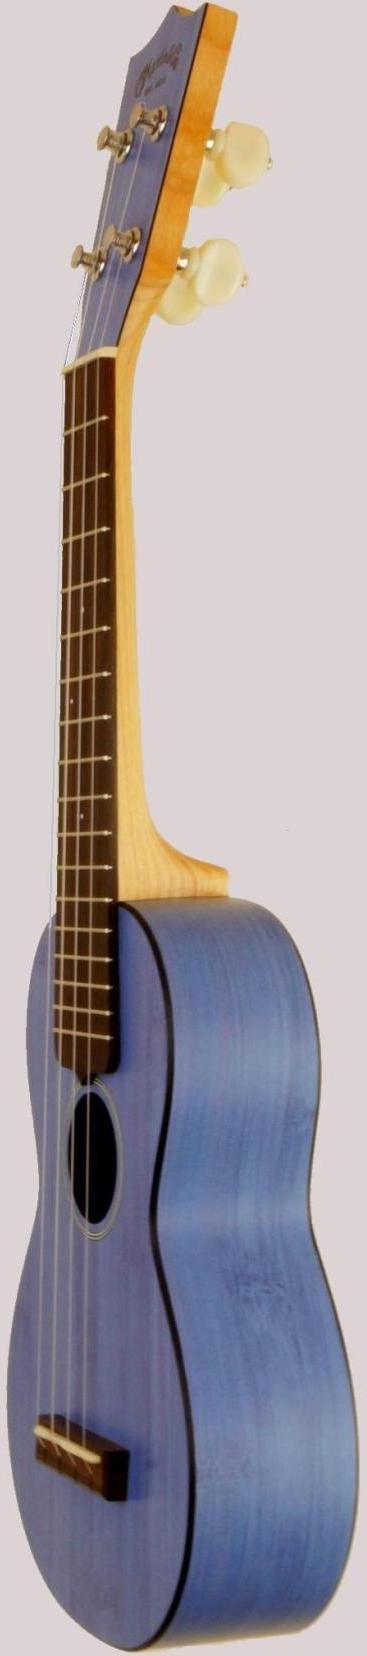 Martin blue bamboo soprano ukulele